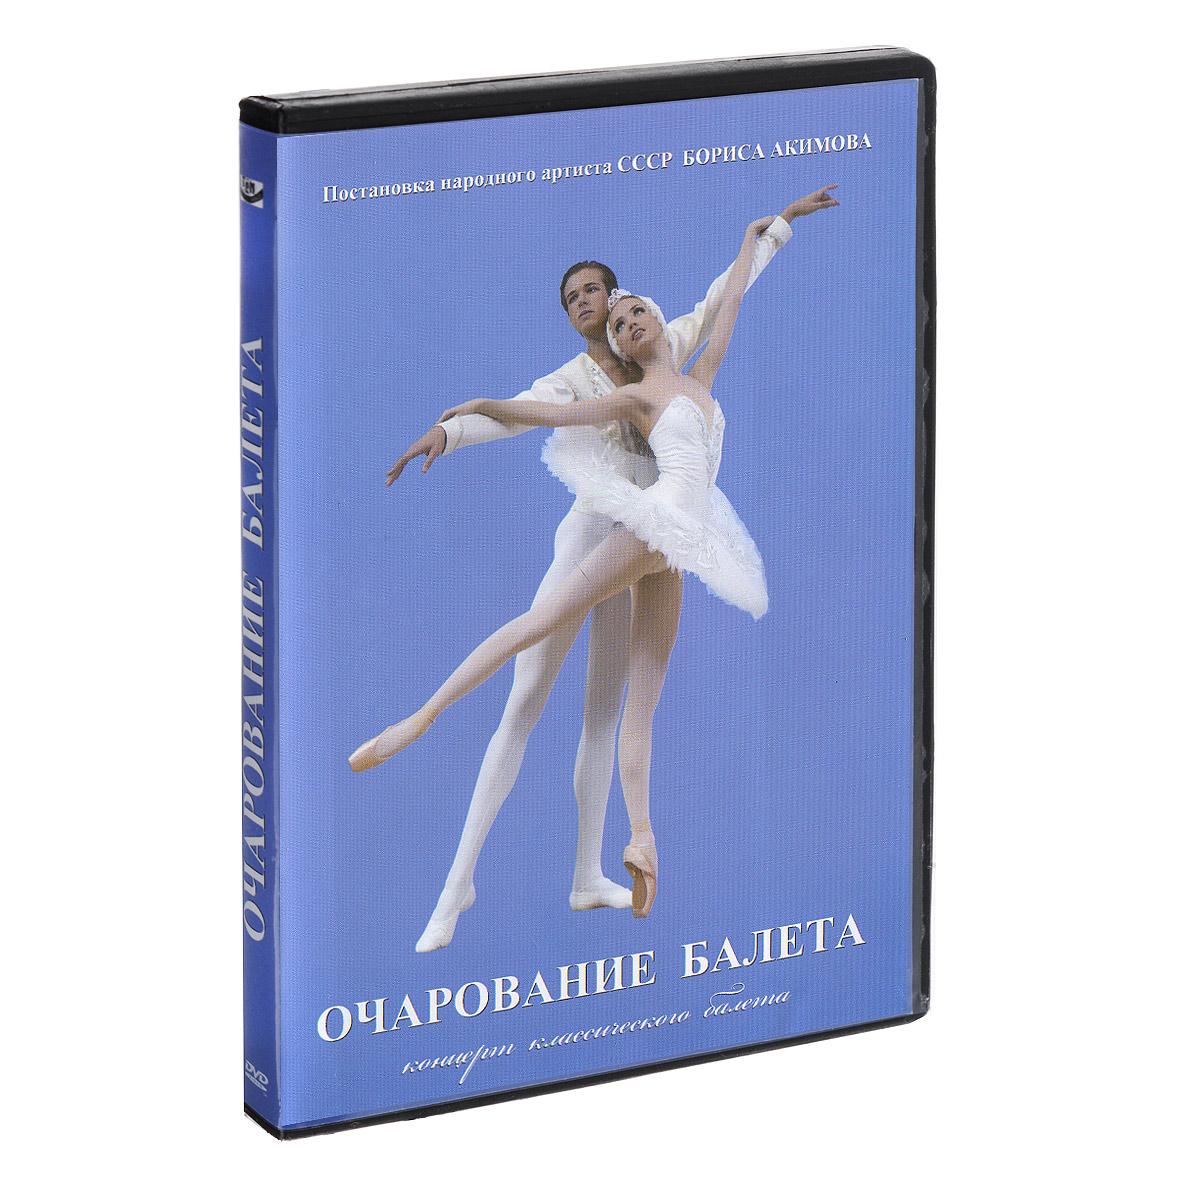 Очарование балета: Концерт классического балета